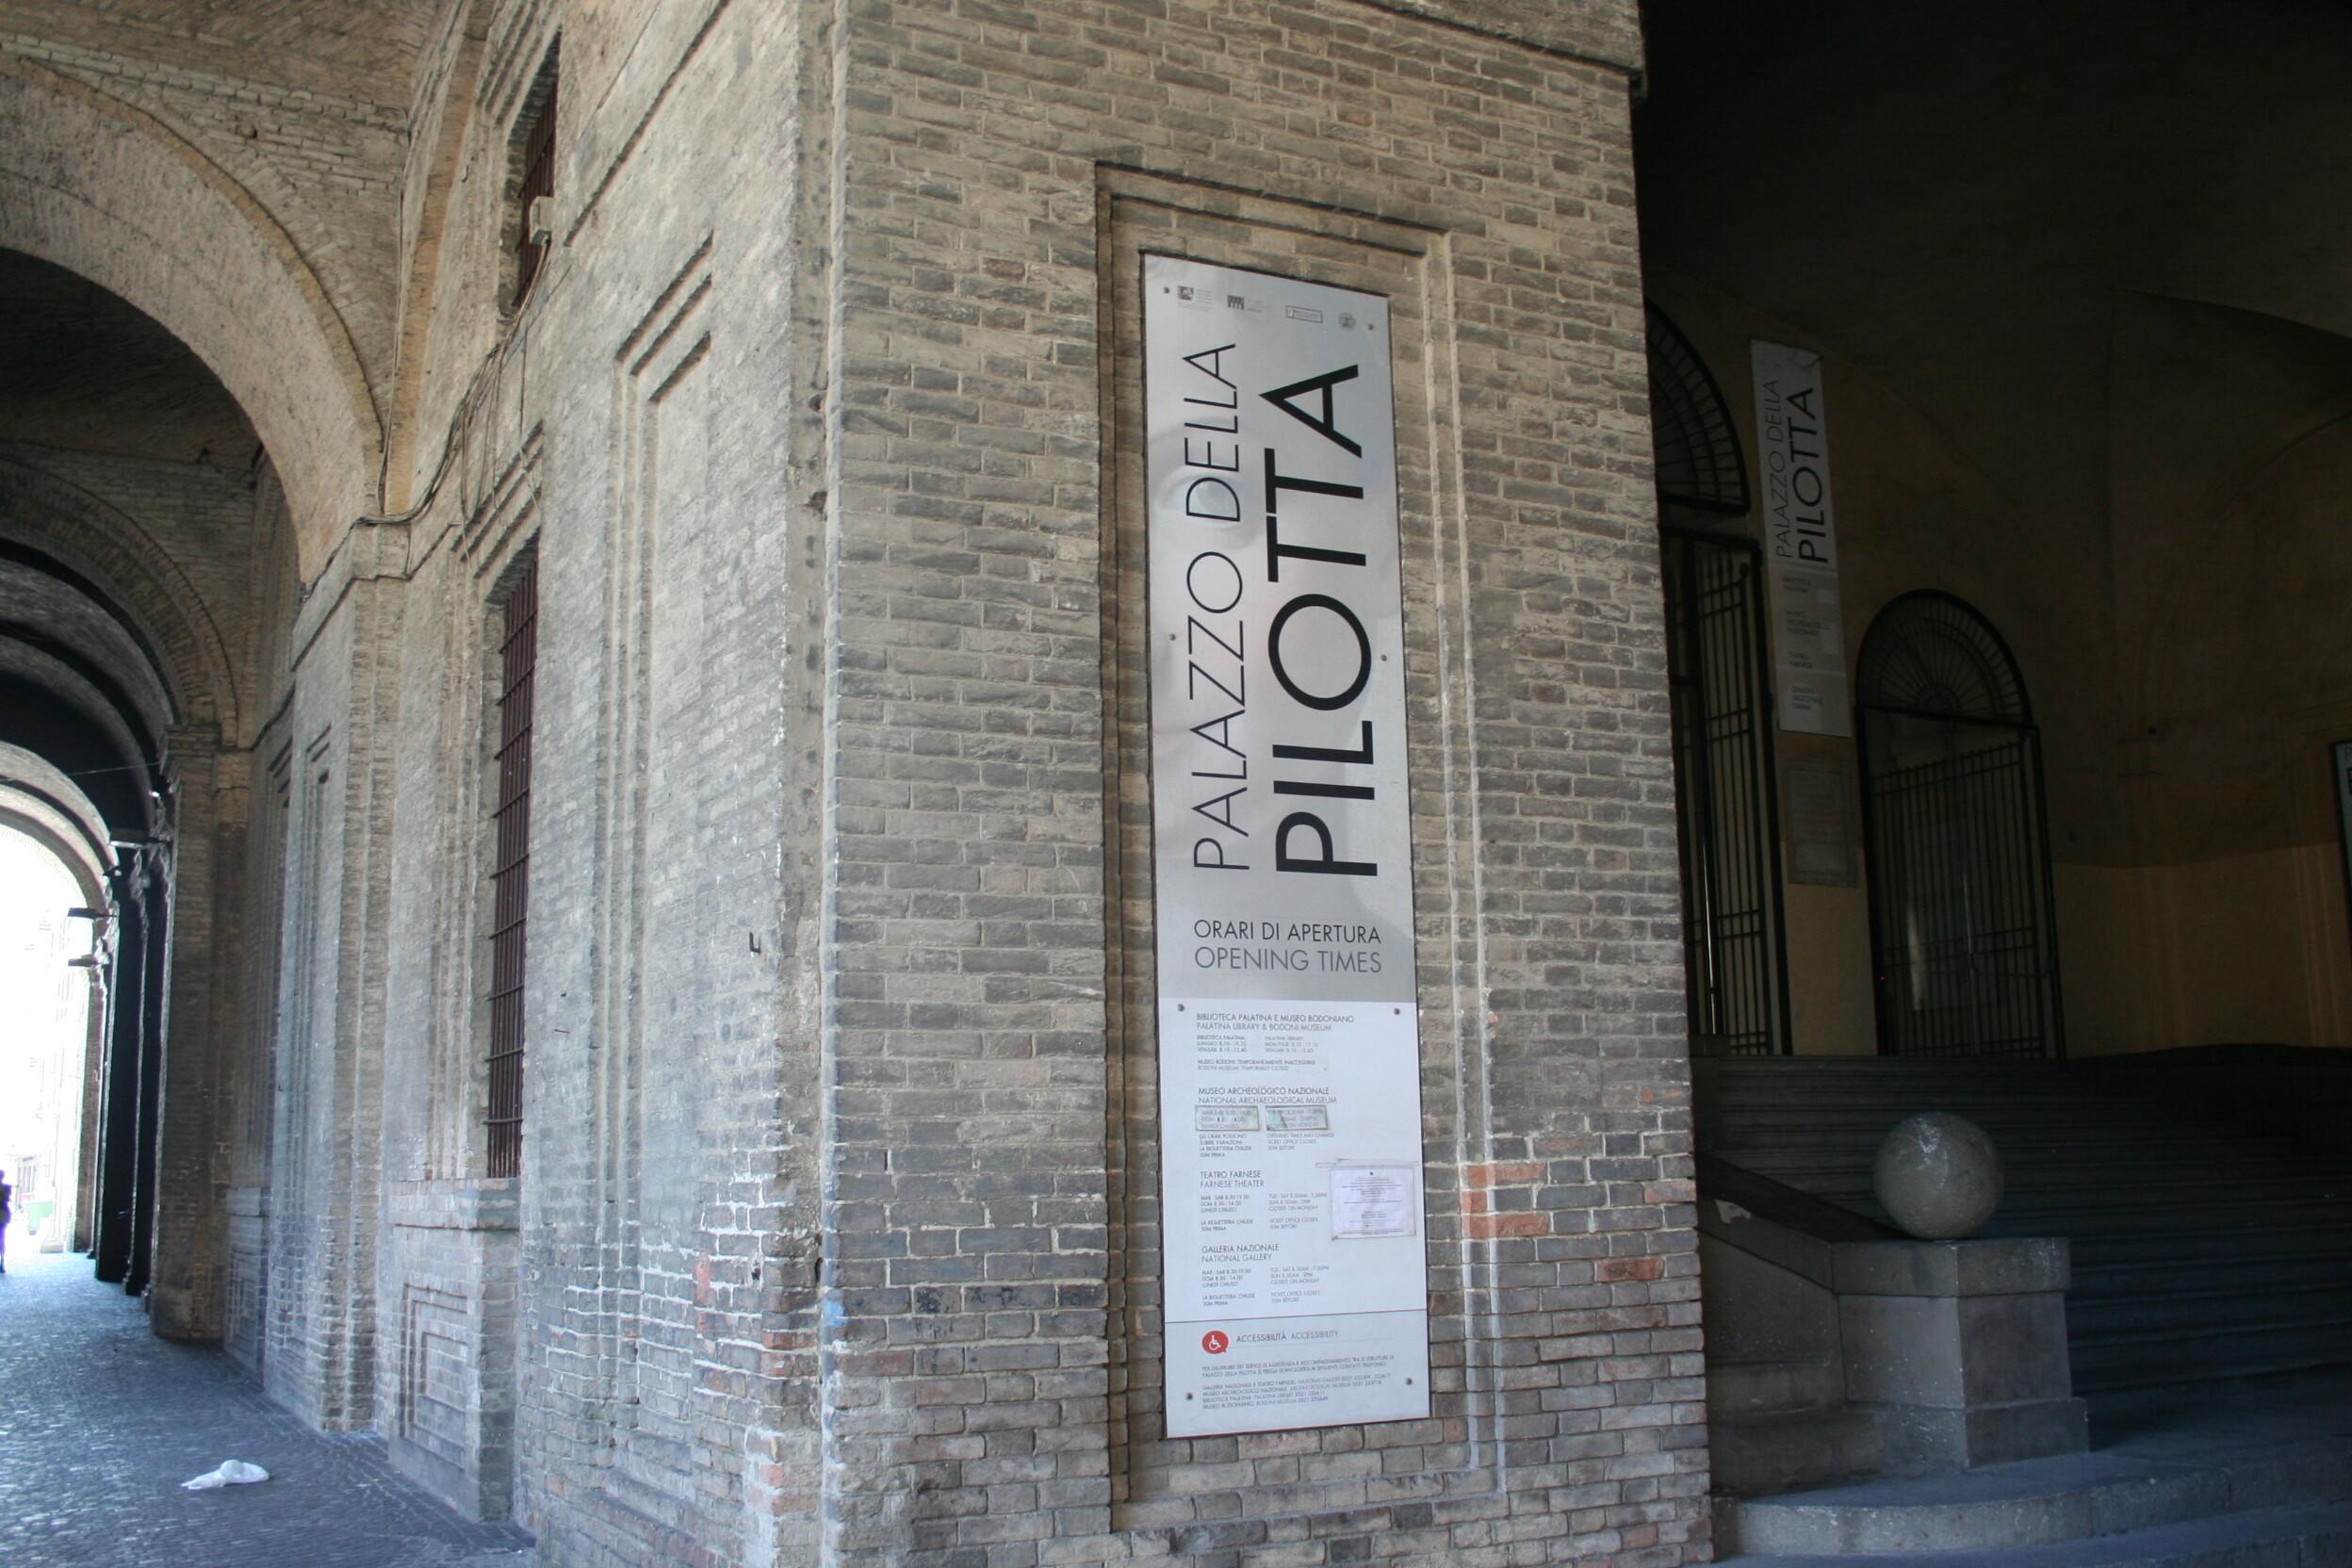 """Mostra """"I FARNESE: le arti e il potere. Architettura, pittura e meraviglia. Da Papa Paolo III a Elisabetta Farnese Regina 1513-1731"""""""